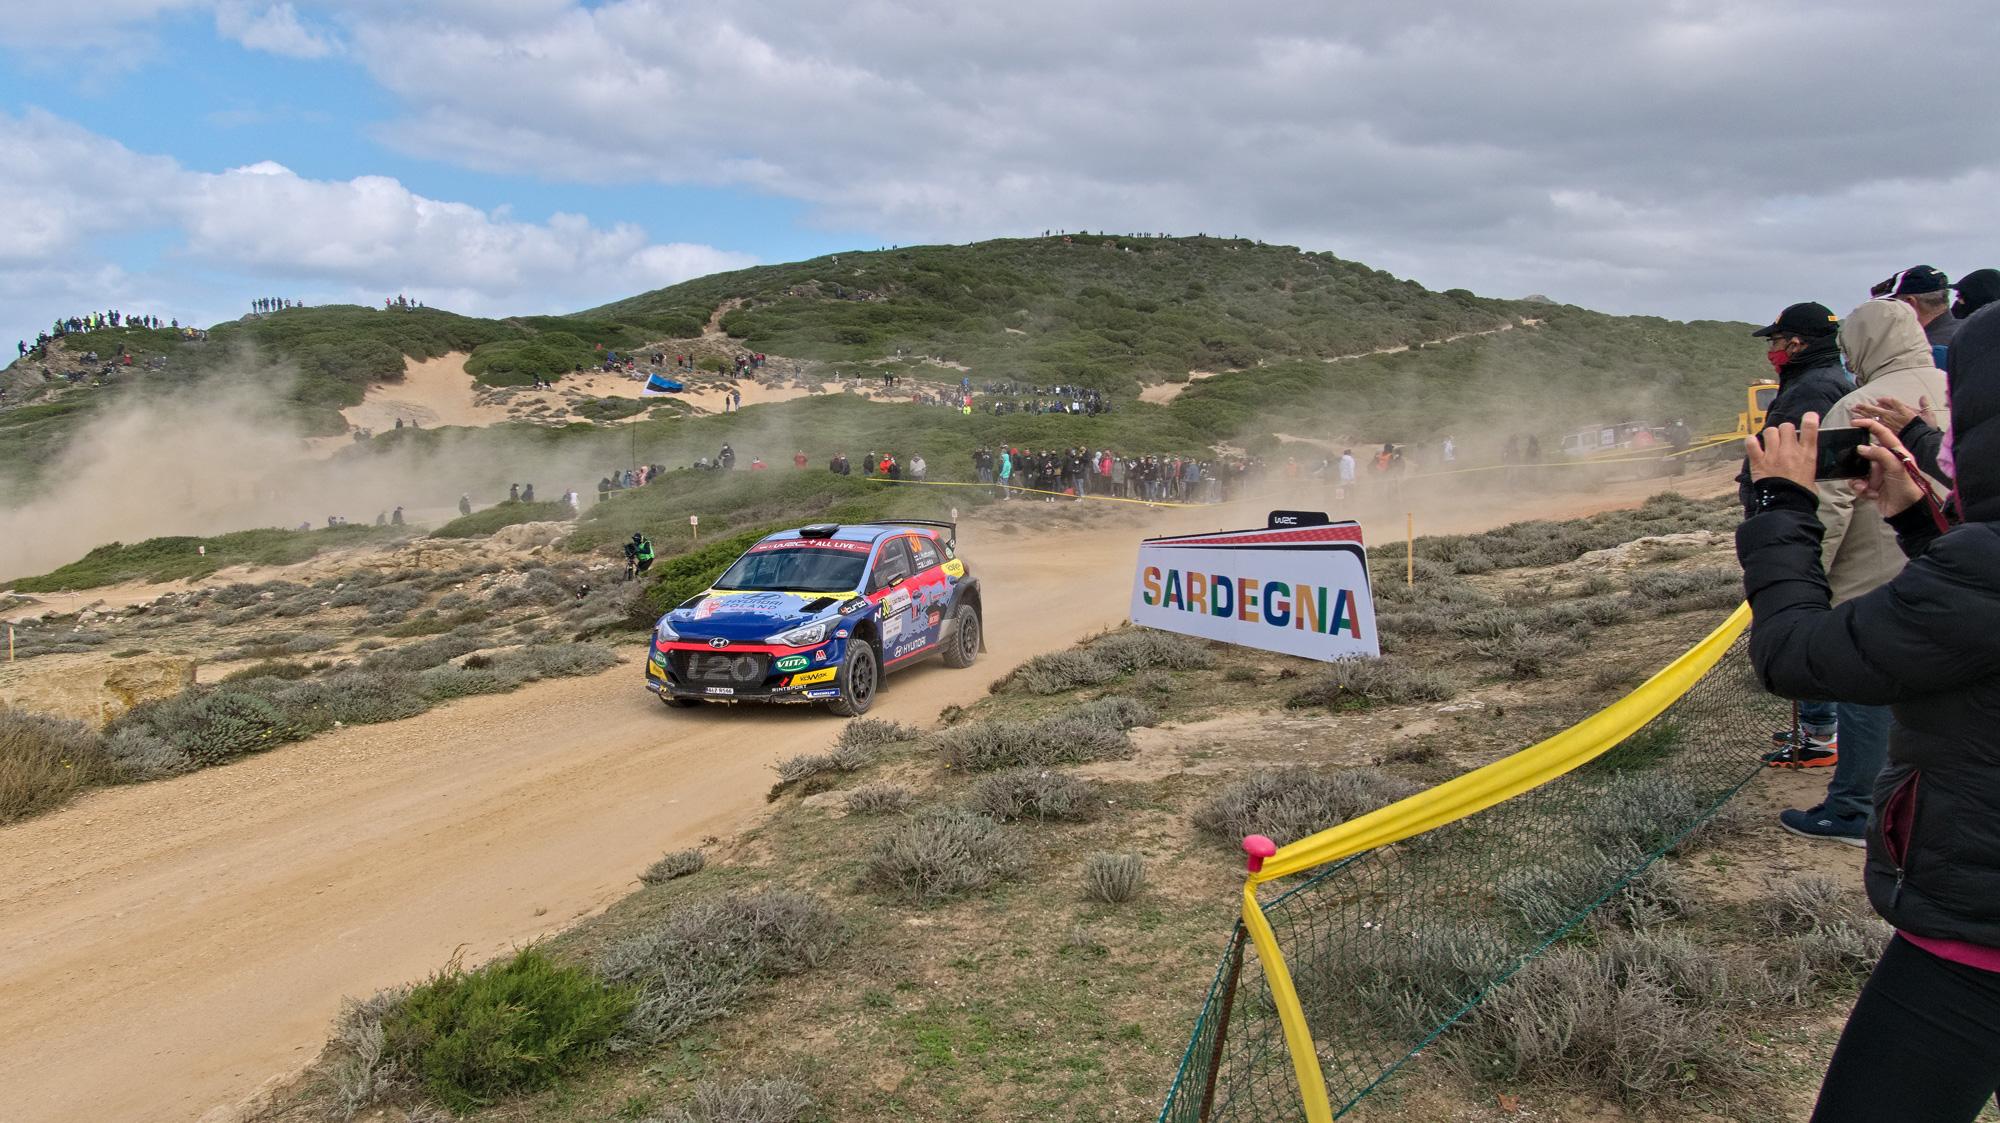 Auf der Zielgeraden: Rallye Sardegna